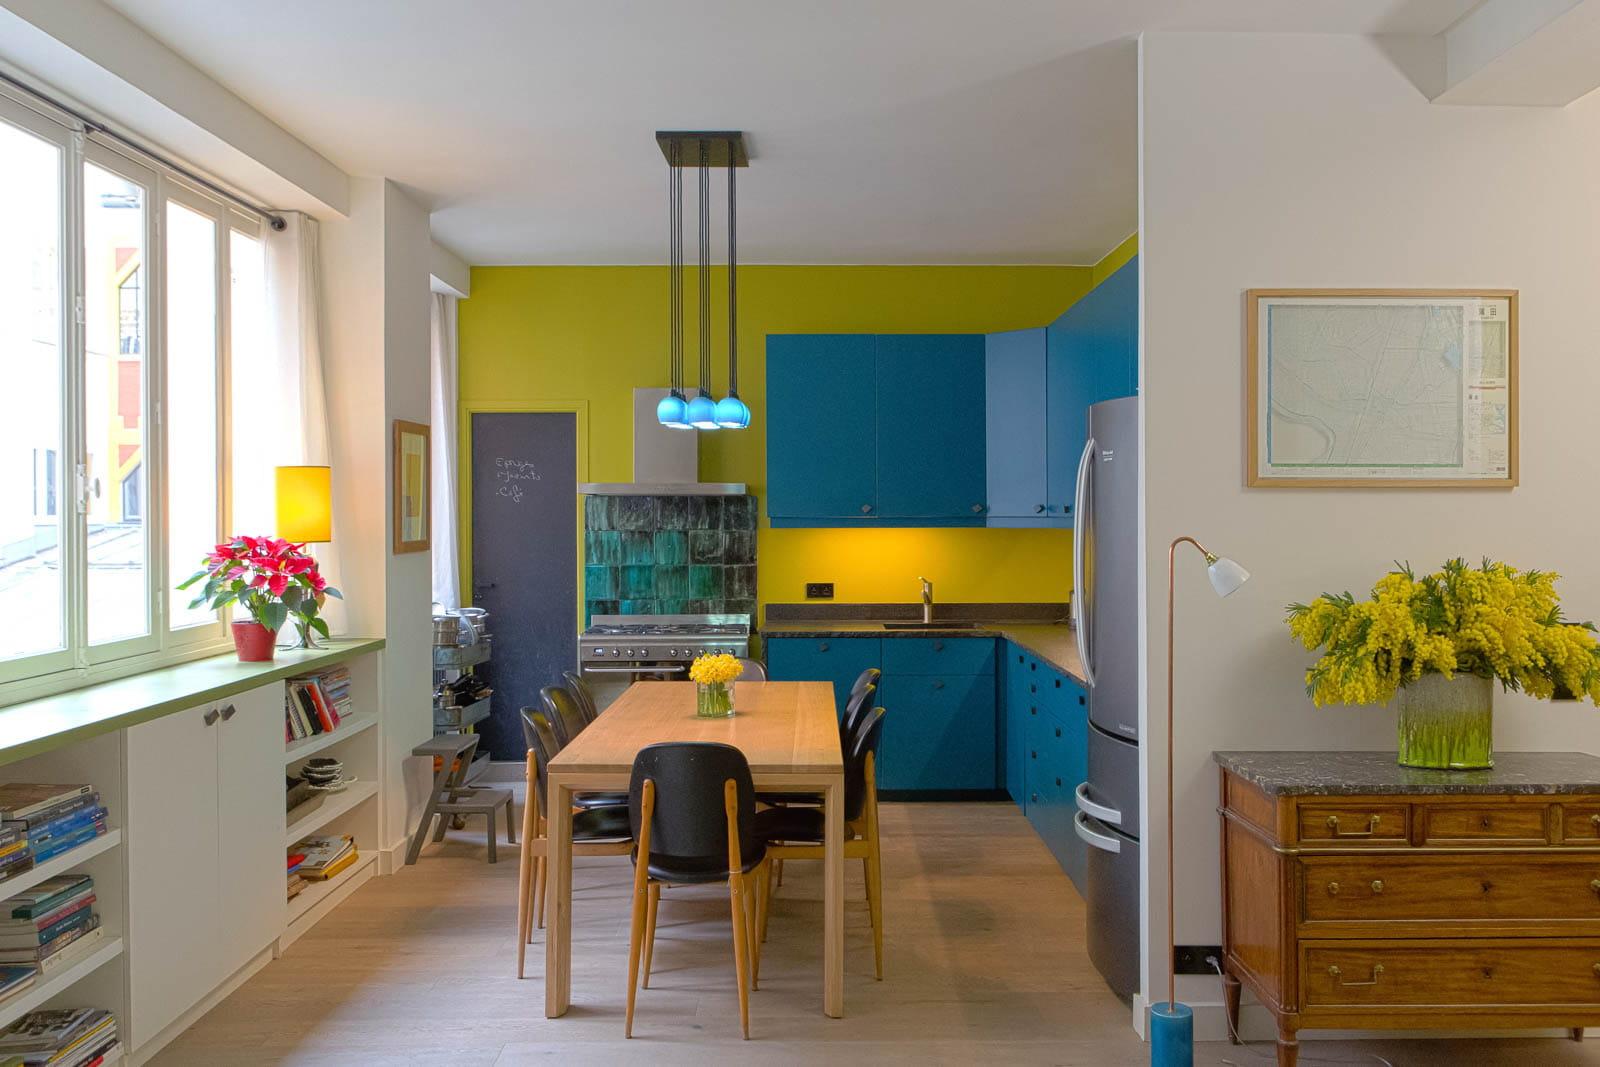 Espace Et Couleurs Dans Un Appartement Familial Un Appartement O Presque Tout Est Ouvert